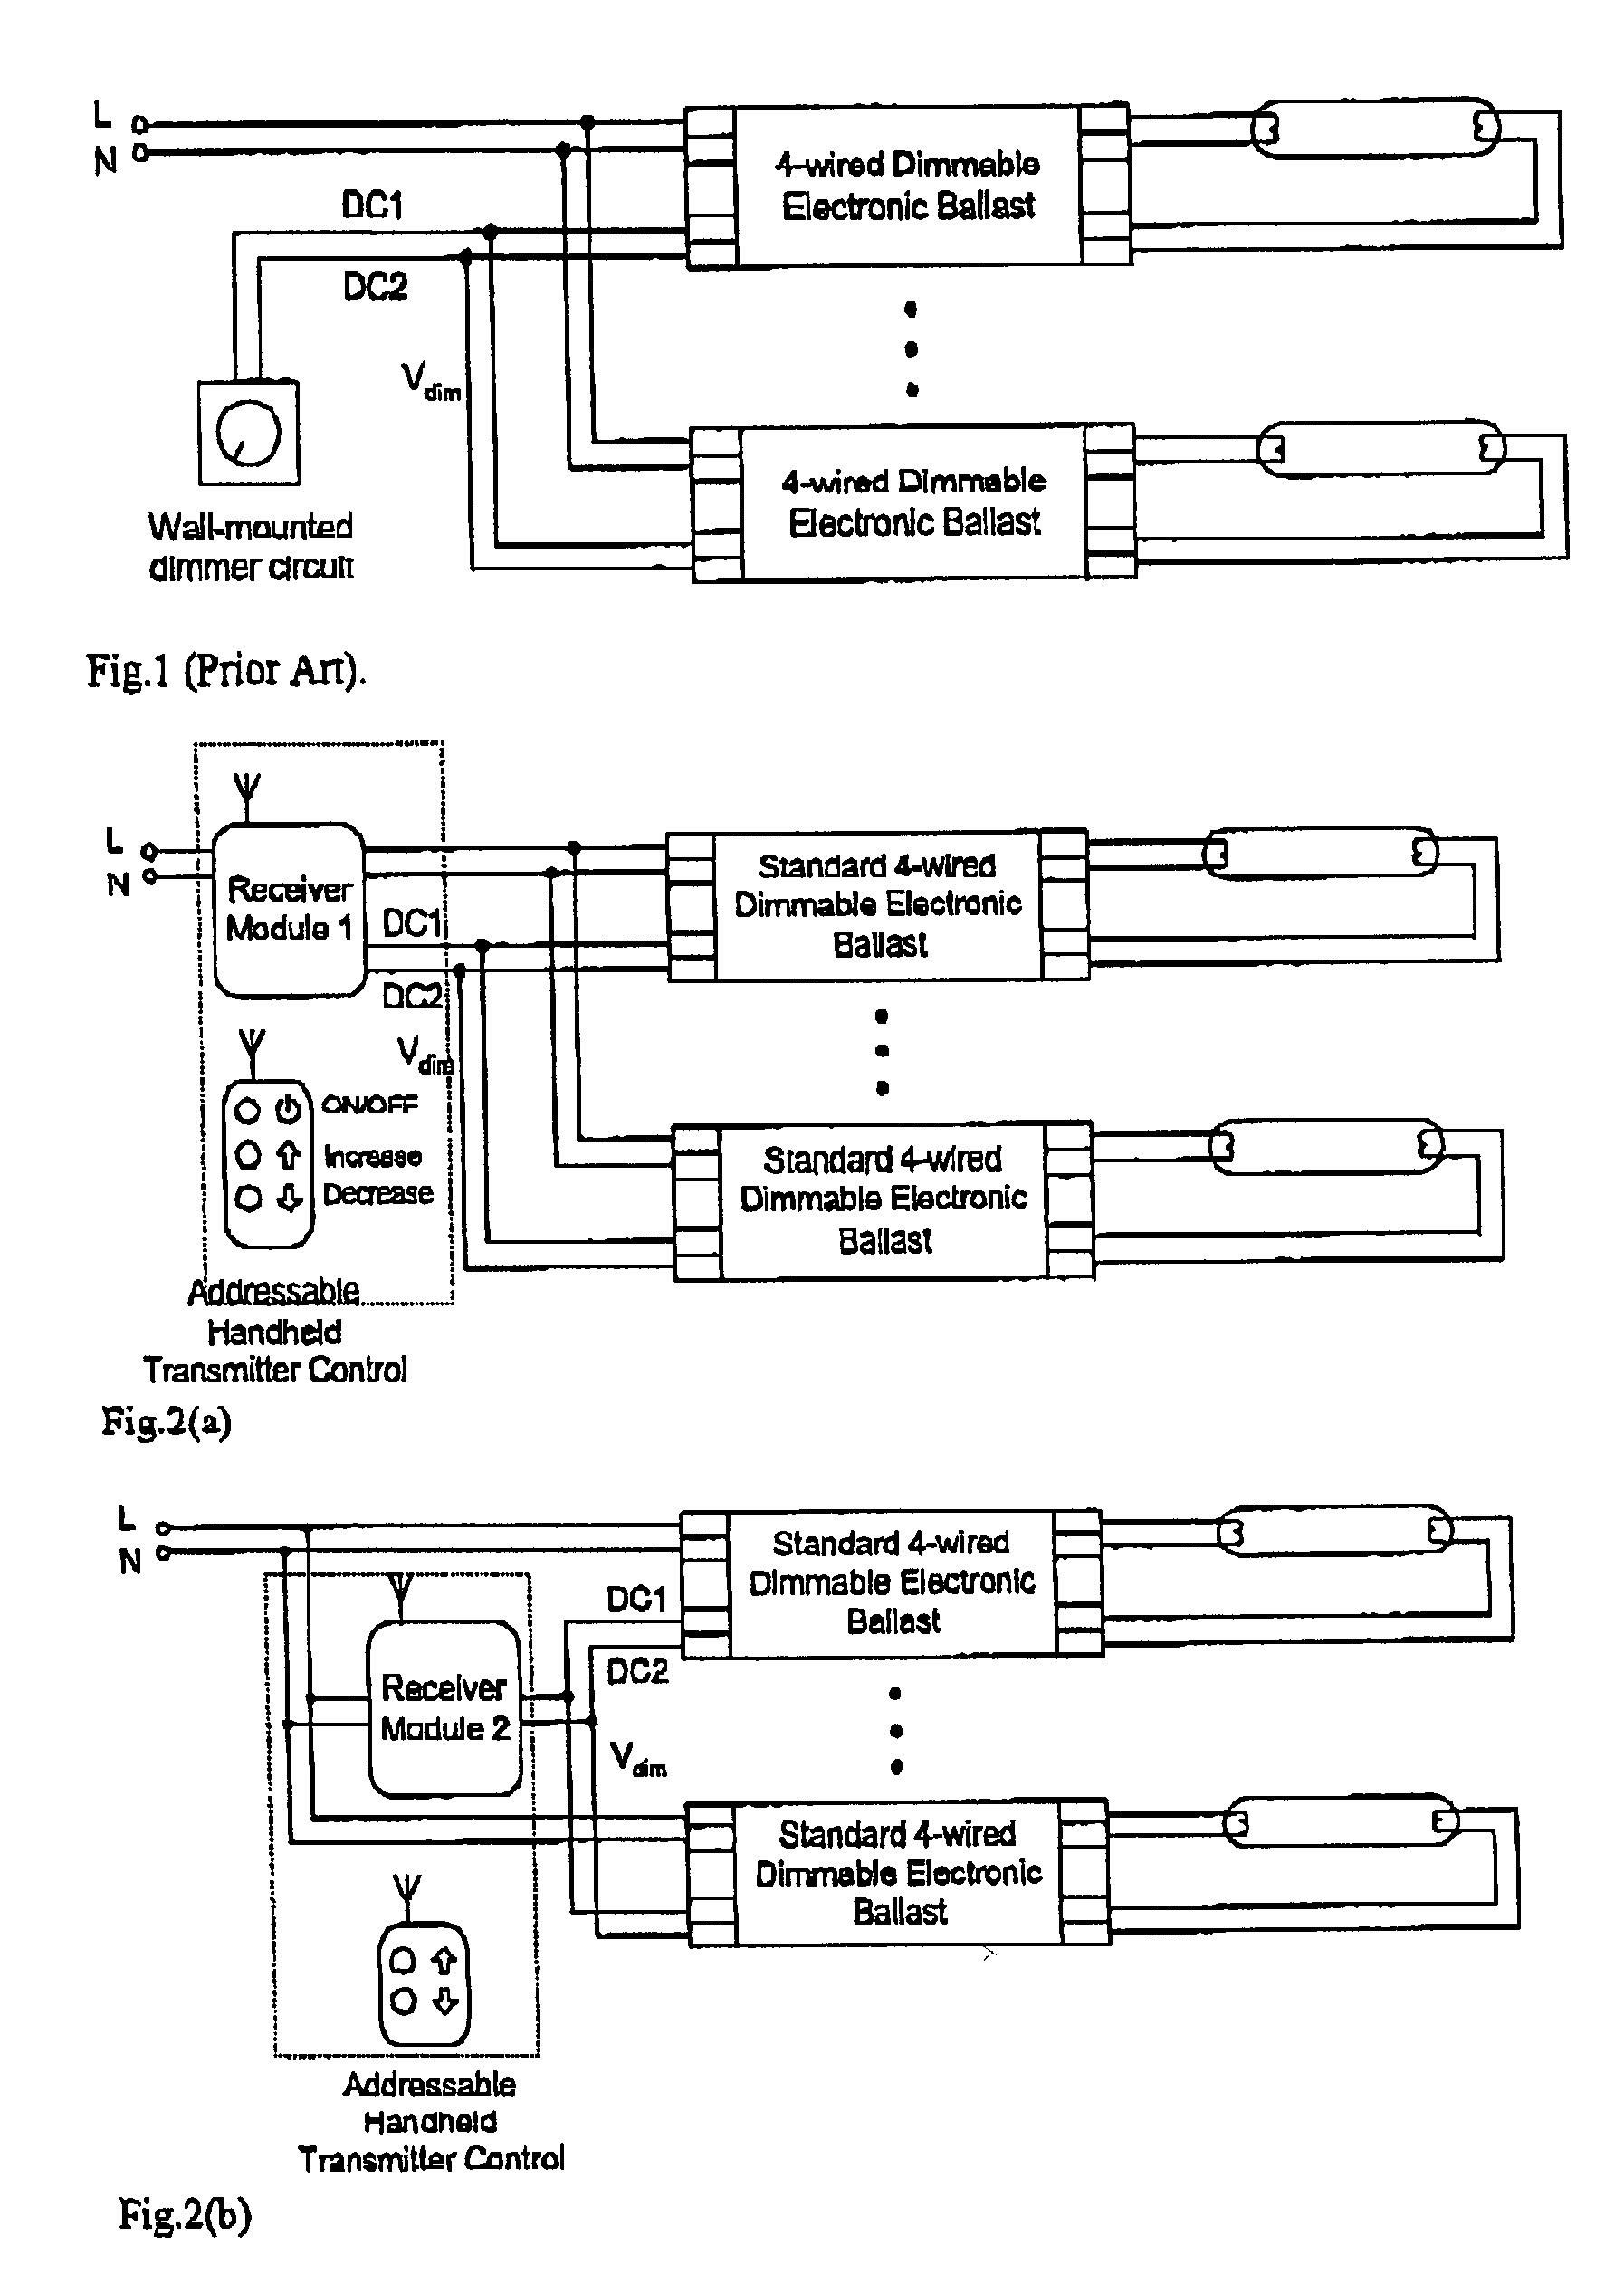 2 Lamp T8 Ballast Wiring Diagram   Wirings Diagram  Bulb Lamp Wiring Diagram on light socket wiring diagram, light fixture wiring diagram, 3 bulb lamp wiring diagram,